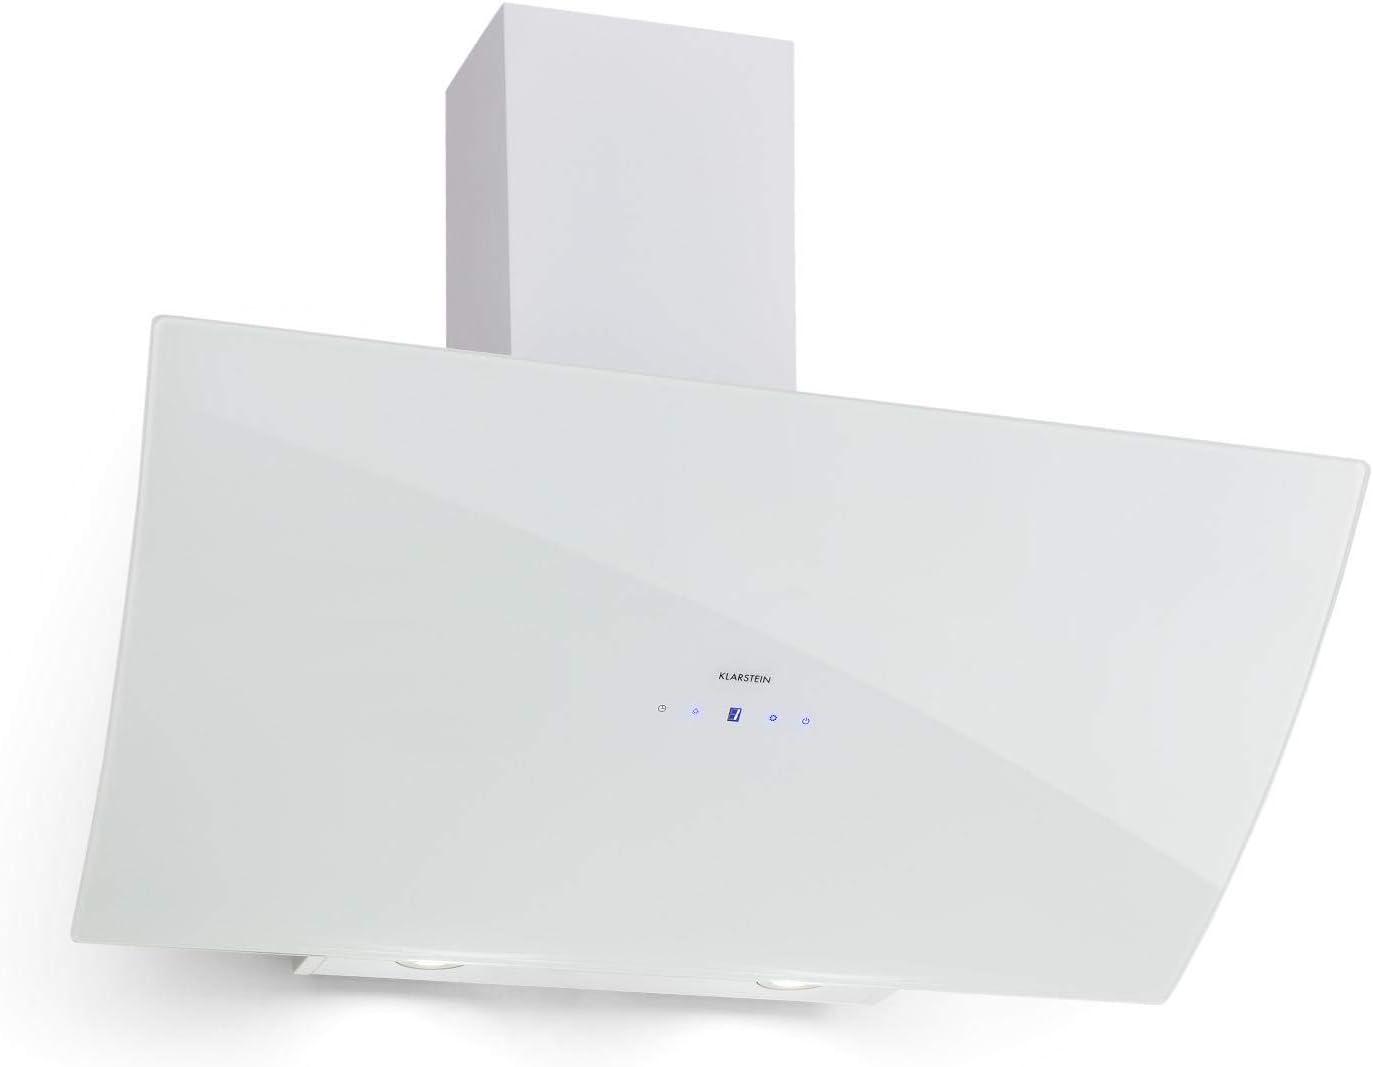 Klarstein Annabelle 90 Campana extractora - Extractor de humos de pared, Absorción y ventilación, Rendimiento de 650 m³/h, 230 W, Iluminación LED, Acero inoxidable, Panel táctil, Blanco: Amazon.es: Hogar